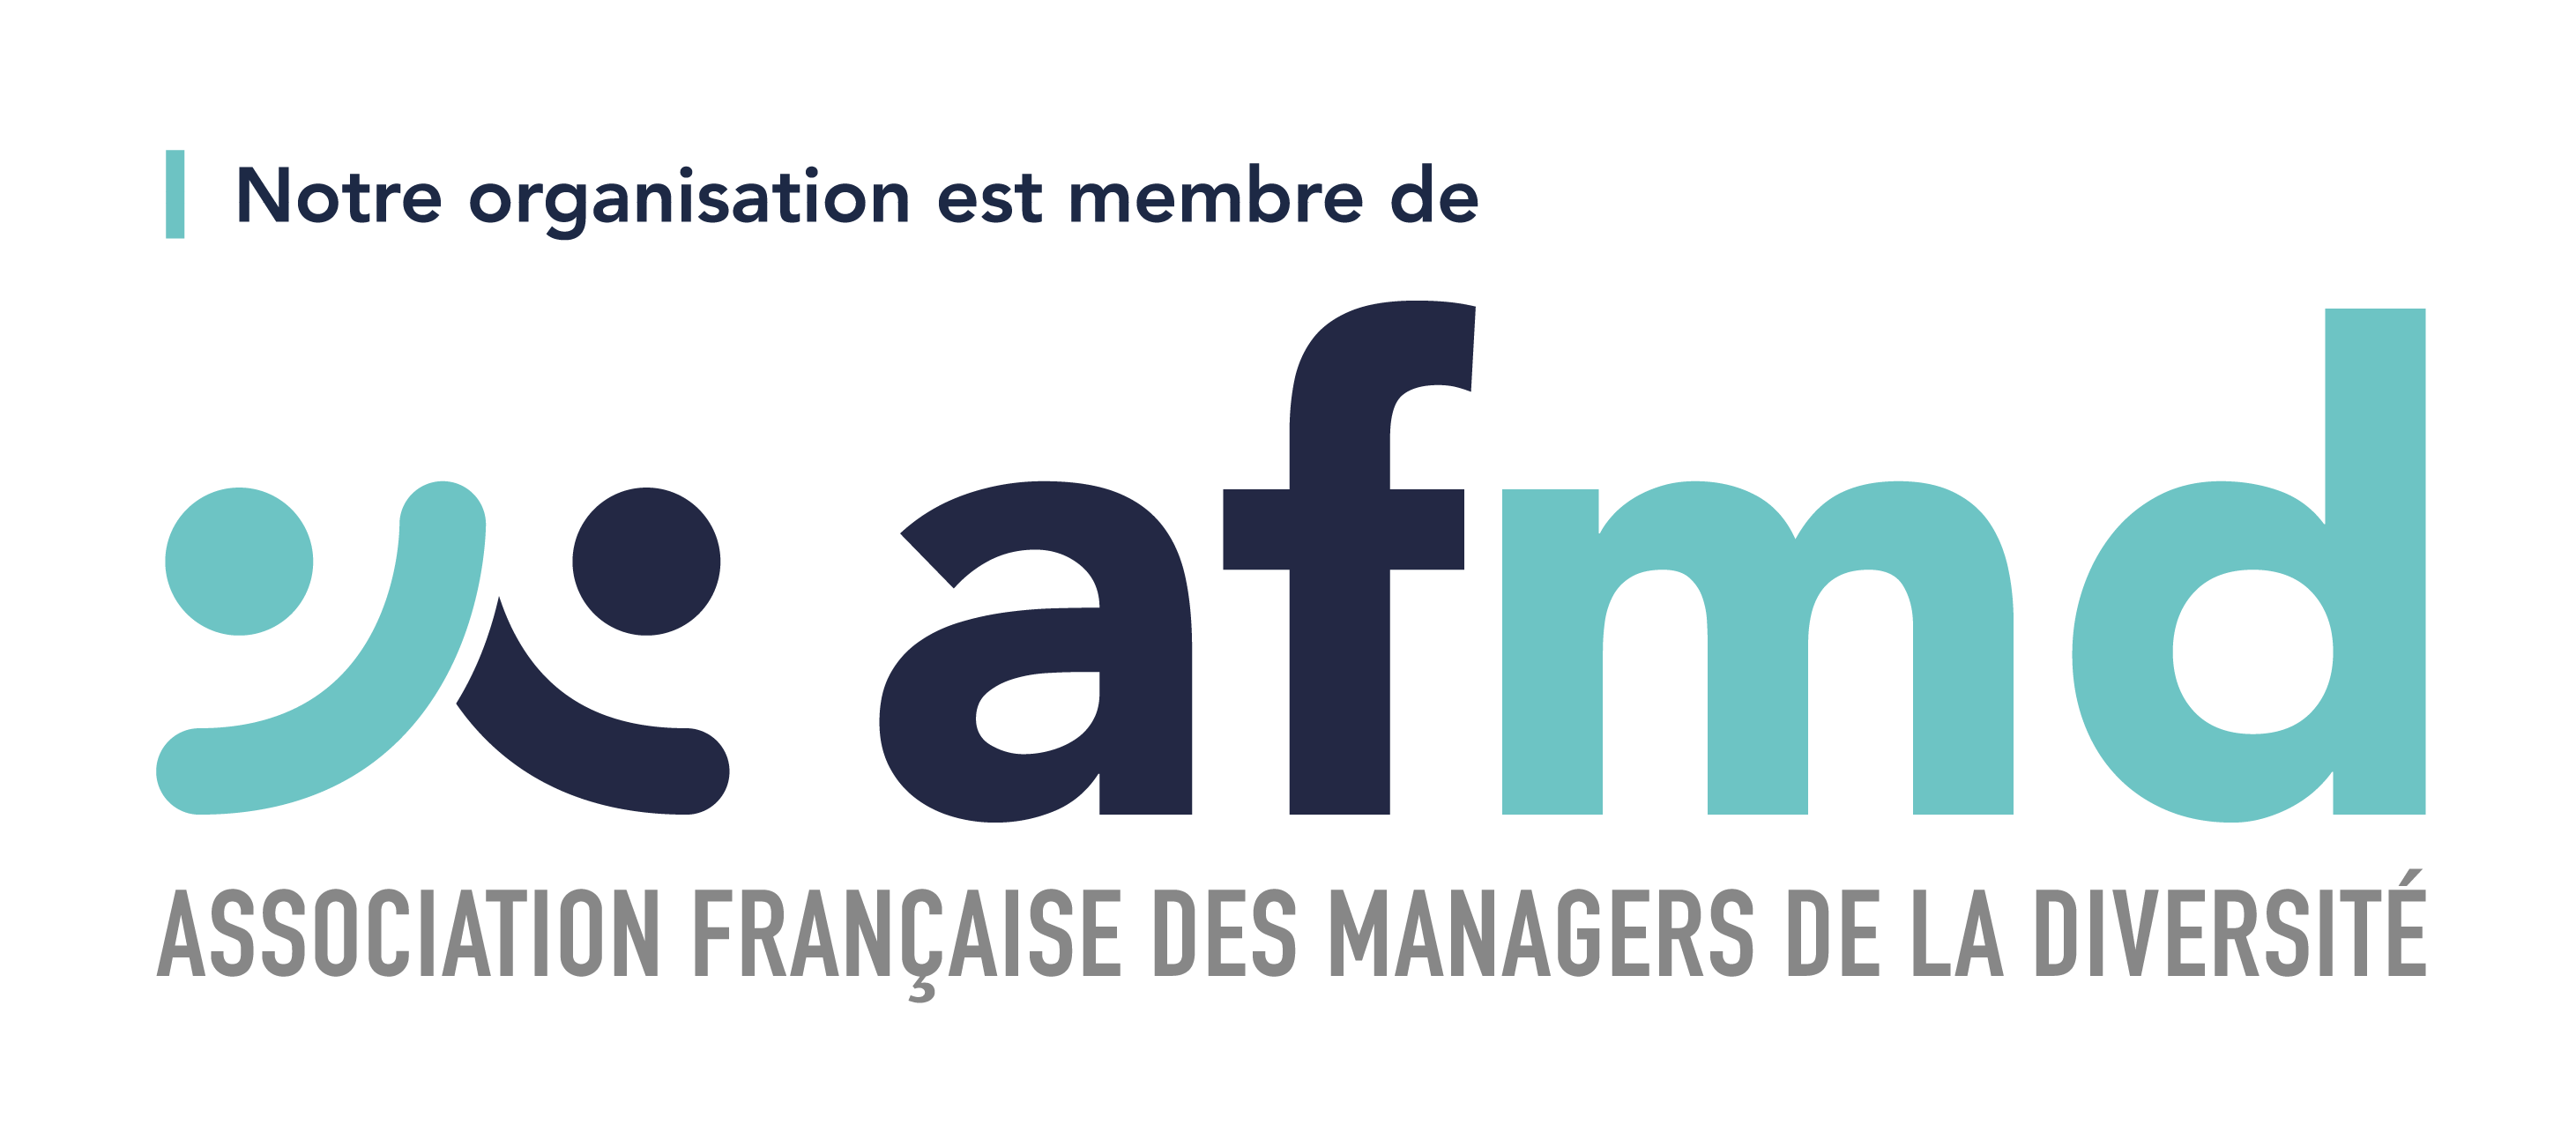 L'AFD est membre de l'Association Française des Managers de la Diversité